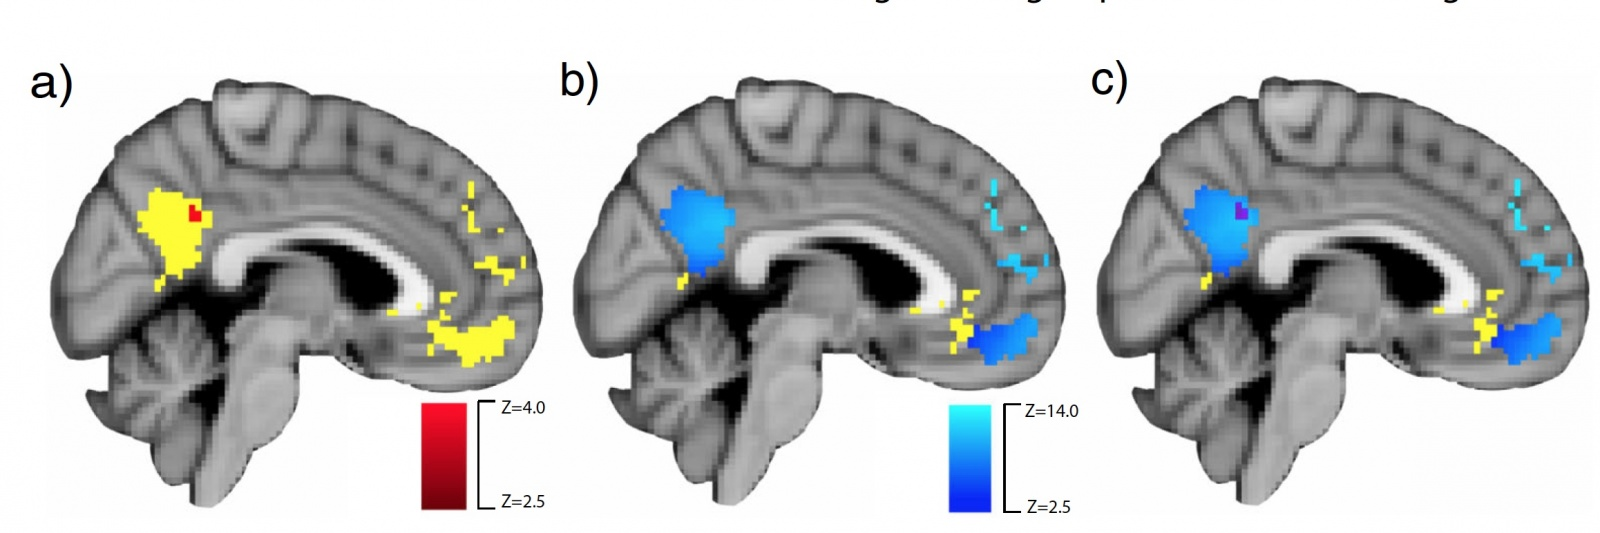 Тренировка эмпатии: стимуляция нейронных связей мозга посредством видеоигры - 7